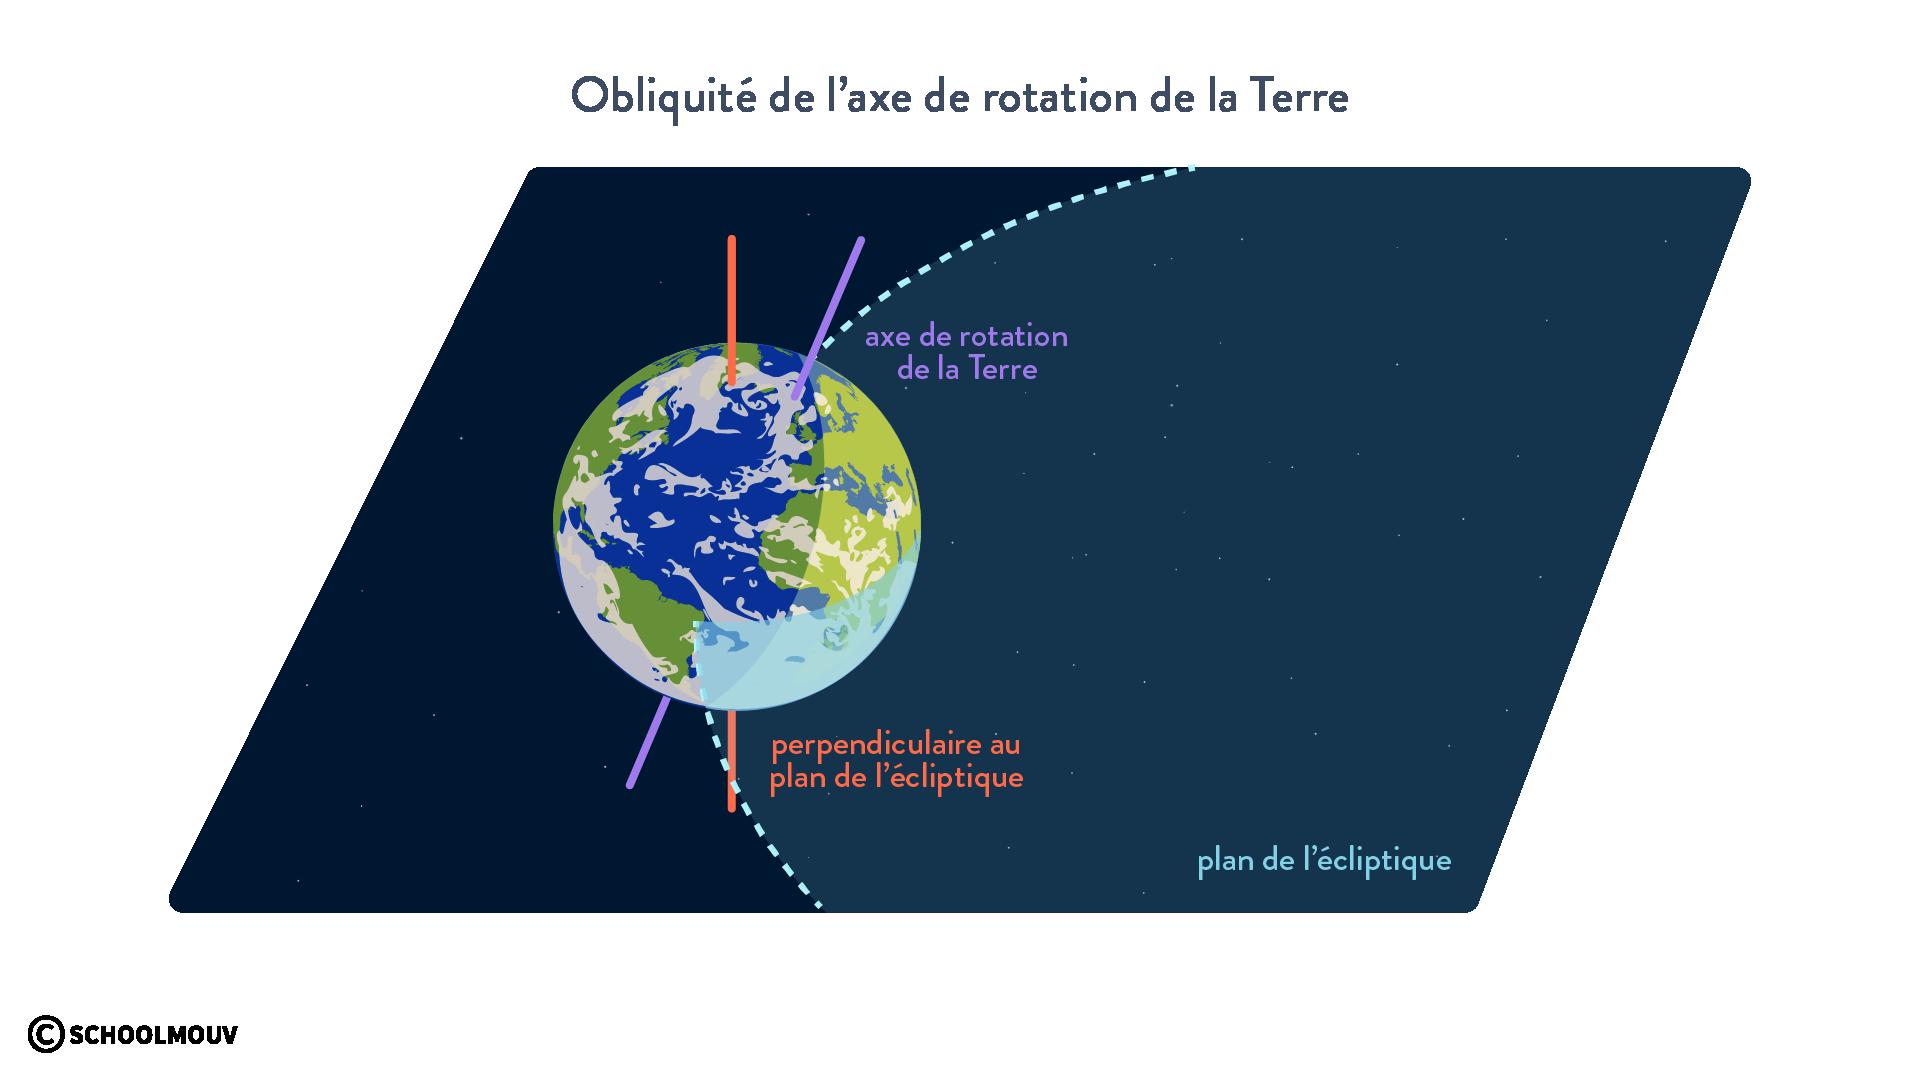 obliquité de l'axe de rotation de la Terre